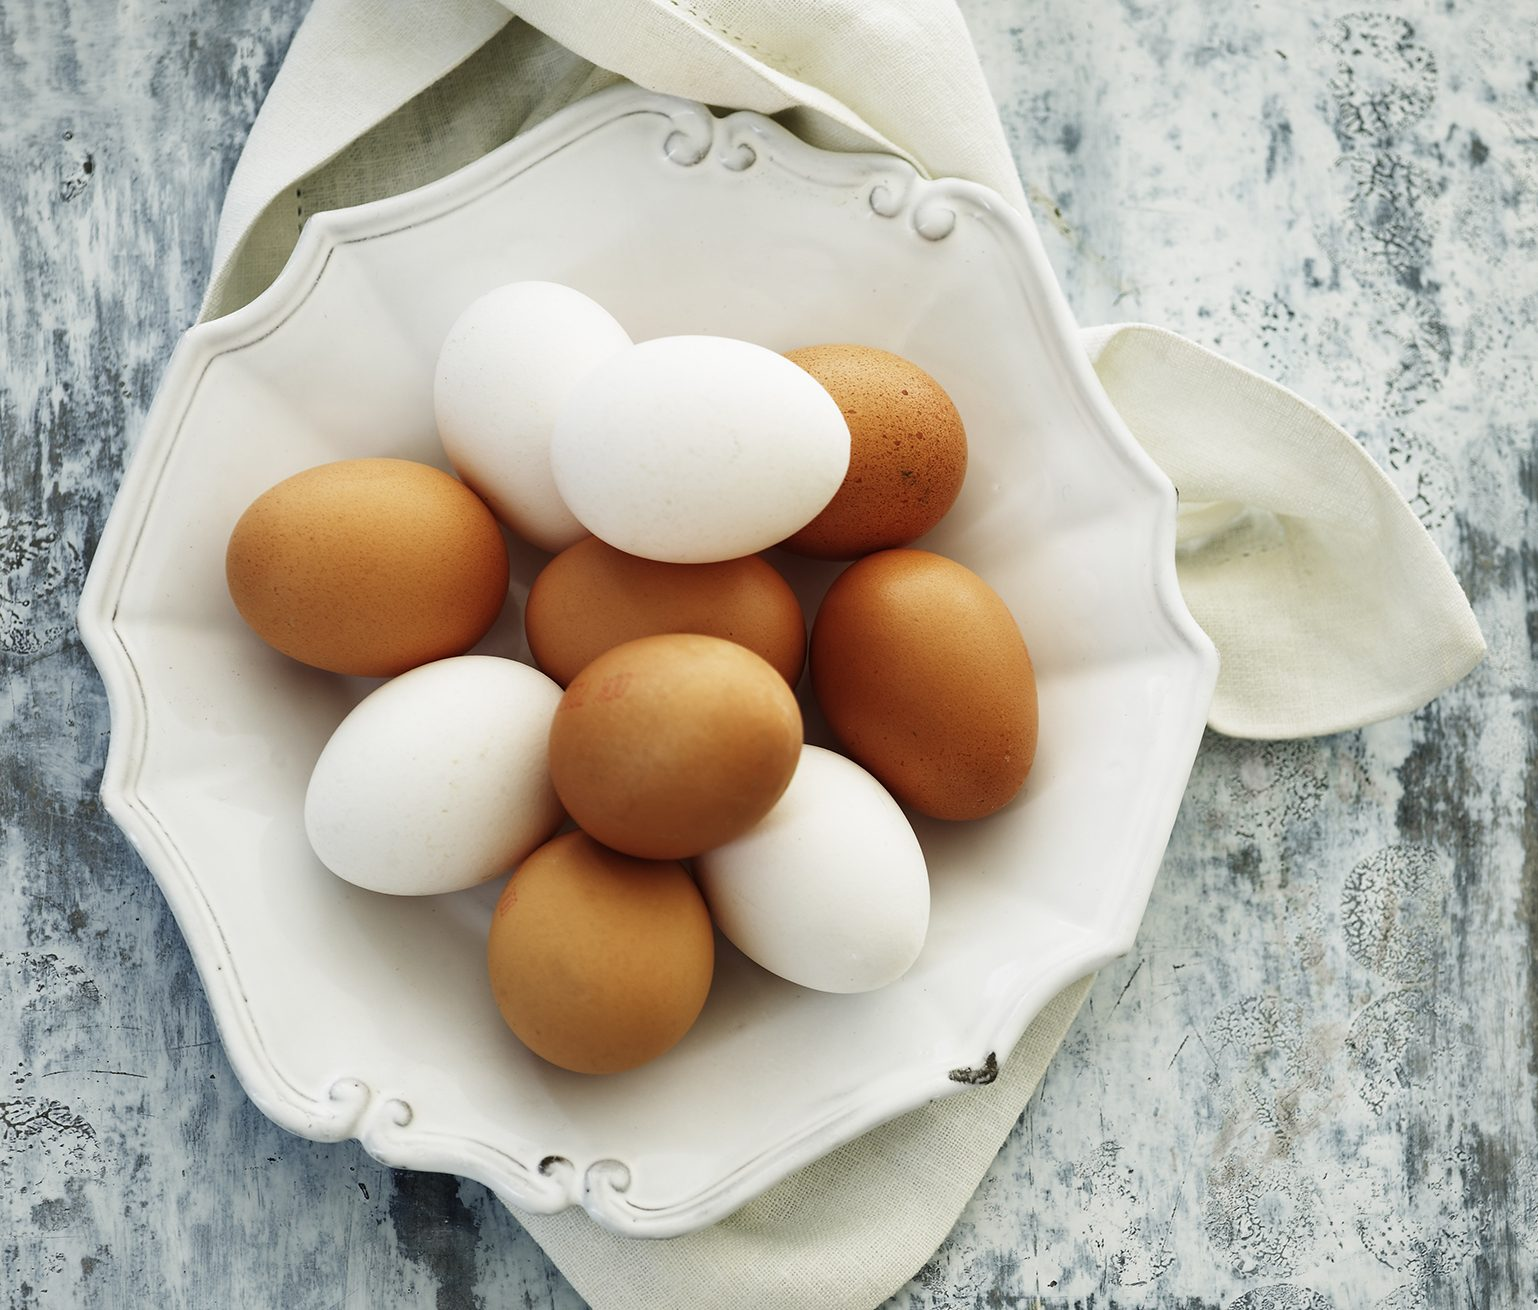 Madspild, påske, planlægning, højtid, mad, pasta, æg, middag, frokost, salat